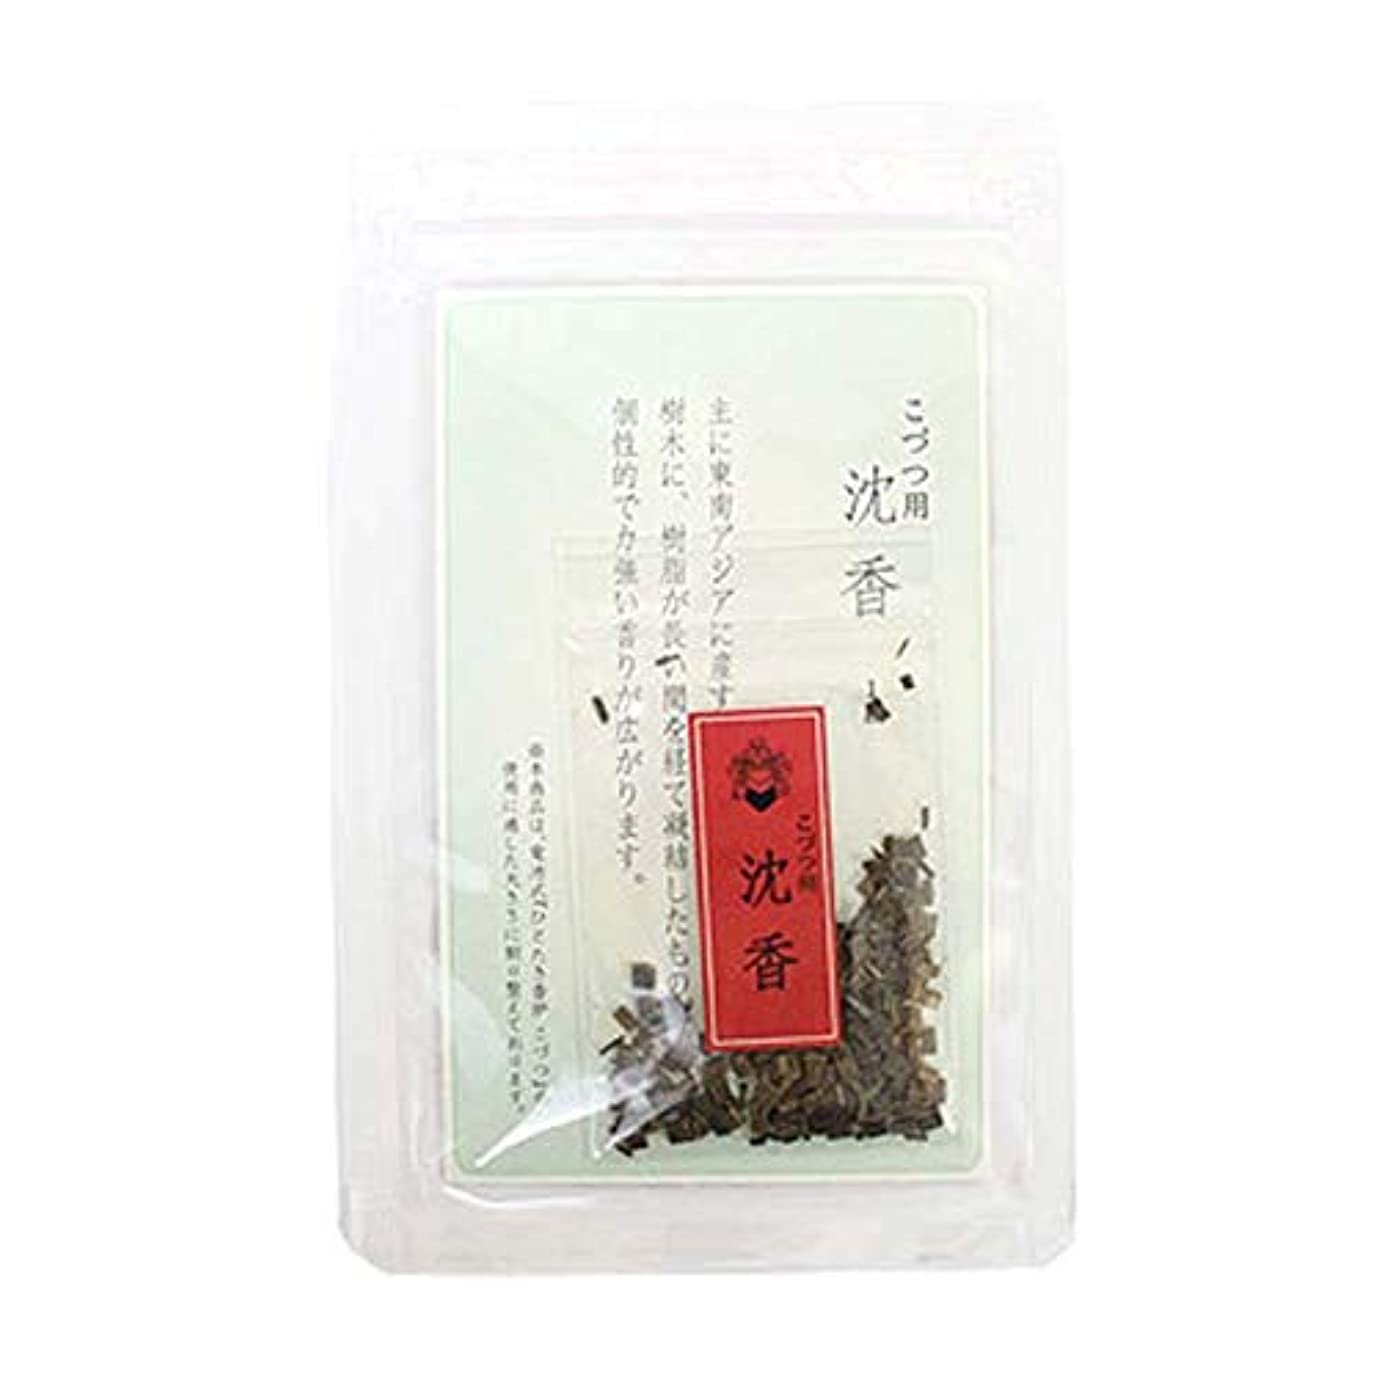 無数の撃退するウルルM 茶道具 香 お試しこづつ用 香木 沈香 じんこう 1g (海外発送不可) ほんぢ園